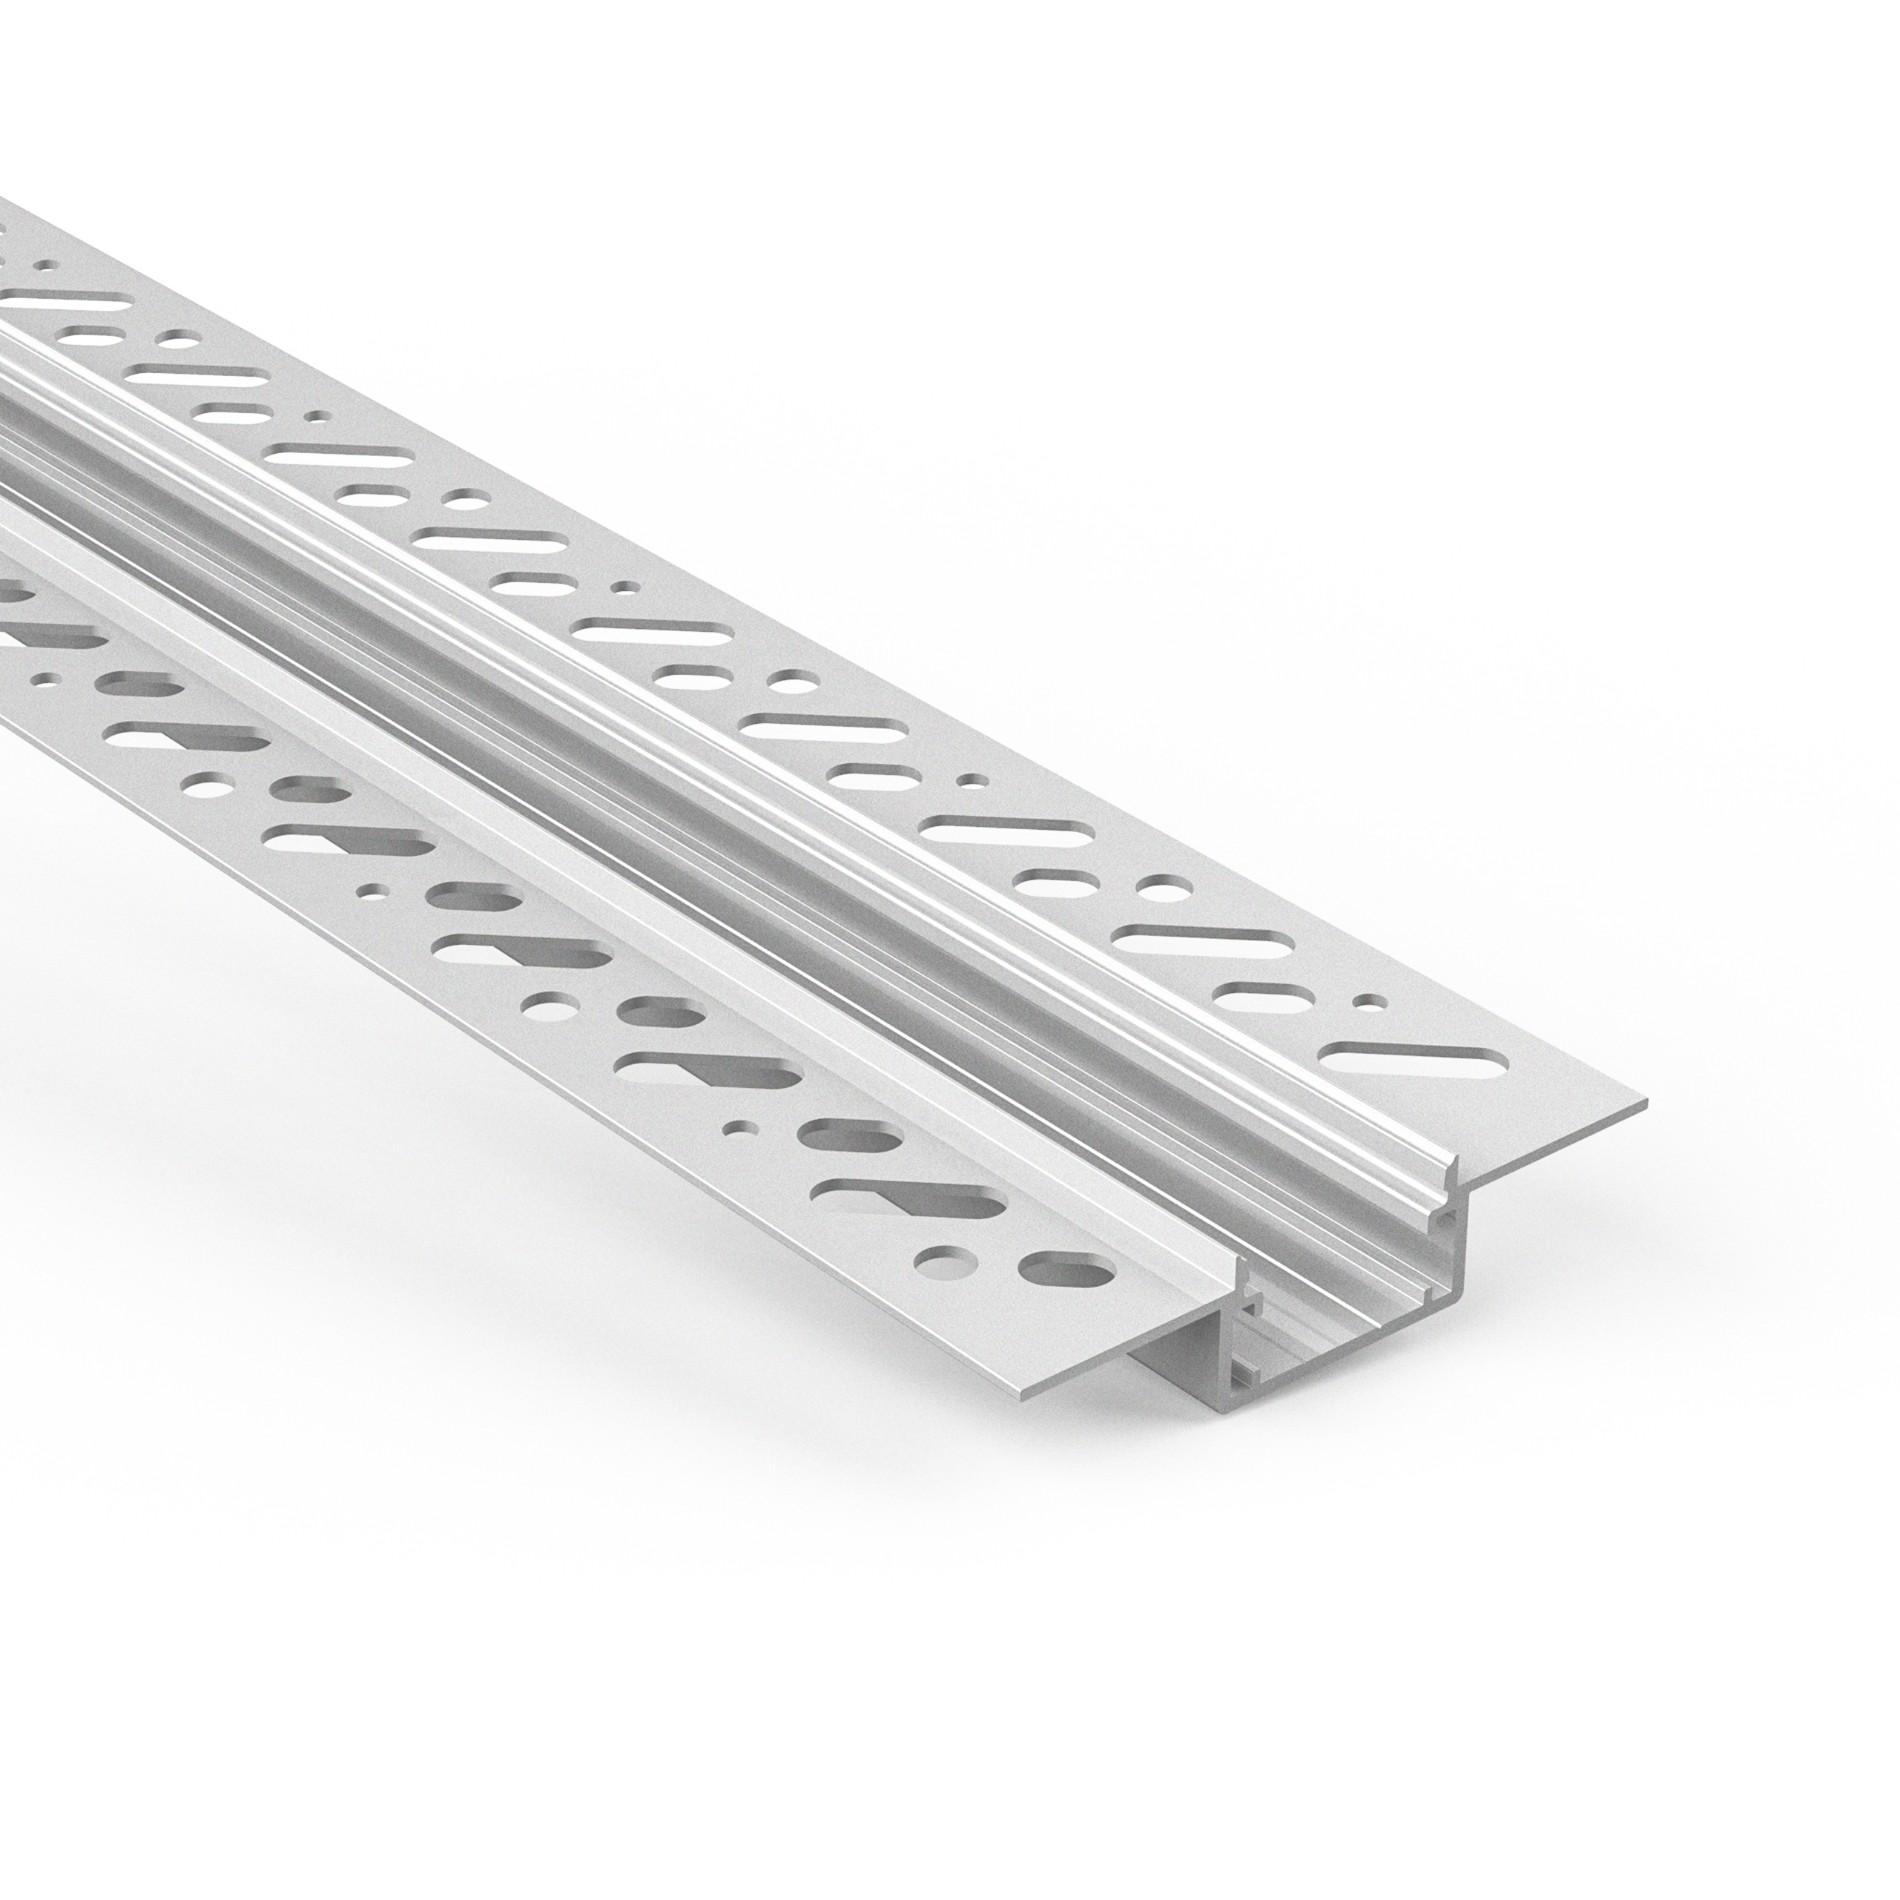 CT4N Trimless Aluminium Extrusions zum Einbau in Gipskartonwände und -decken 66,4x14,1 mm